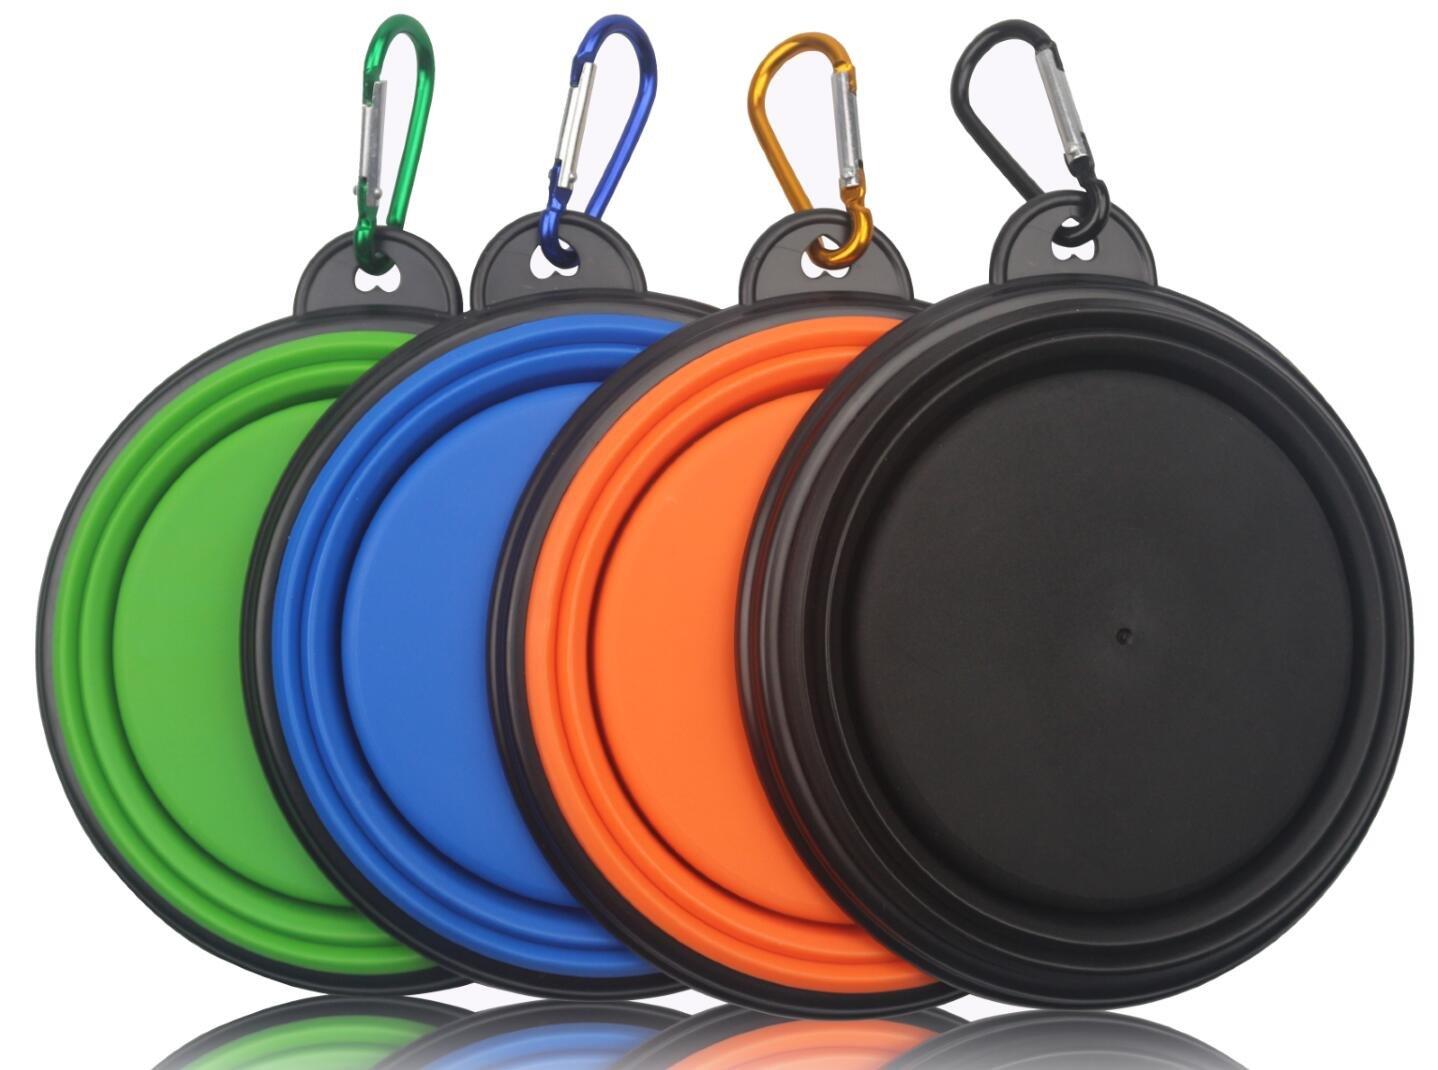 MIDWEC Gamelle de Voyage pliable en silicone pour Animal Domestique Chien Chat Eau Nourriture avec Mousqueton – Sans BPA (Noir Orange Bleu et Vert - Lot de 4)